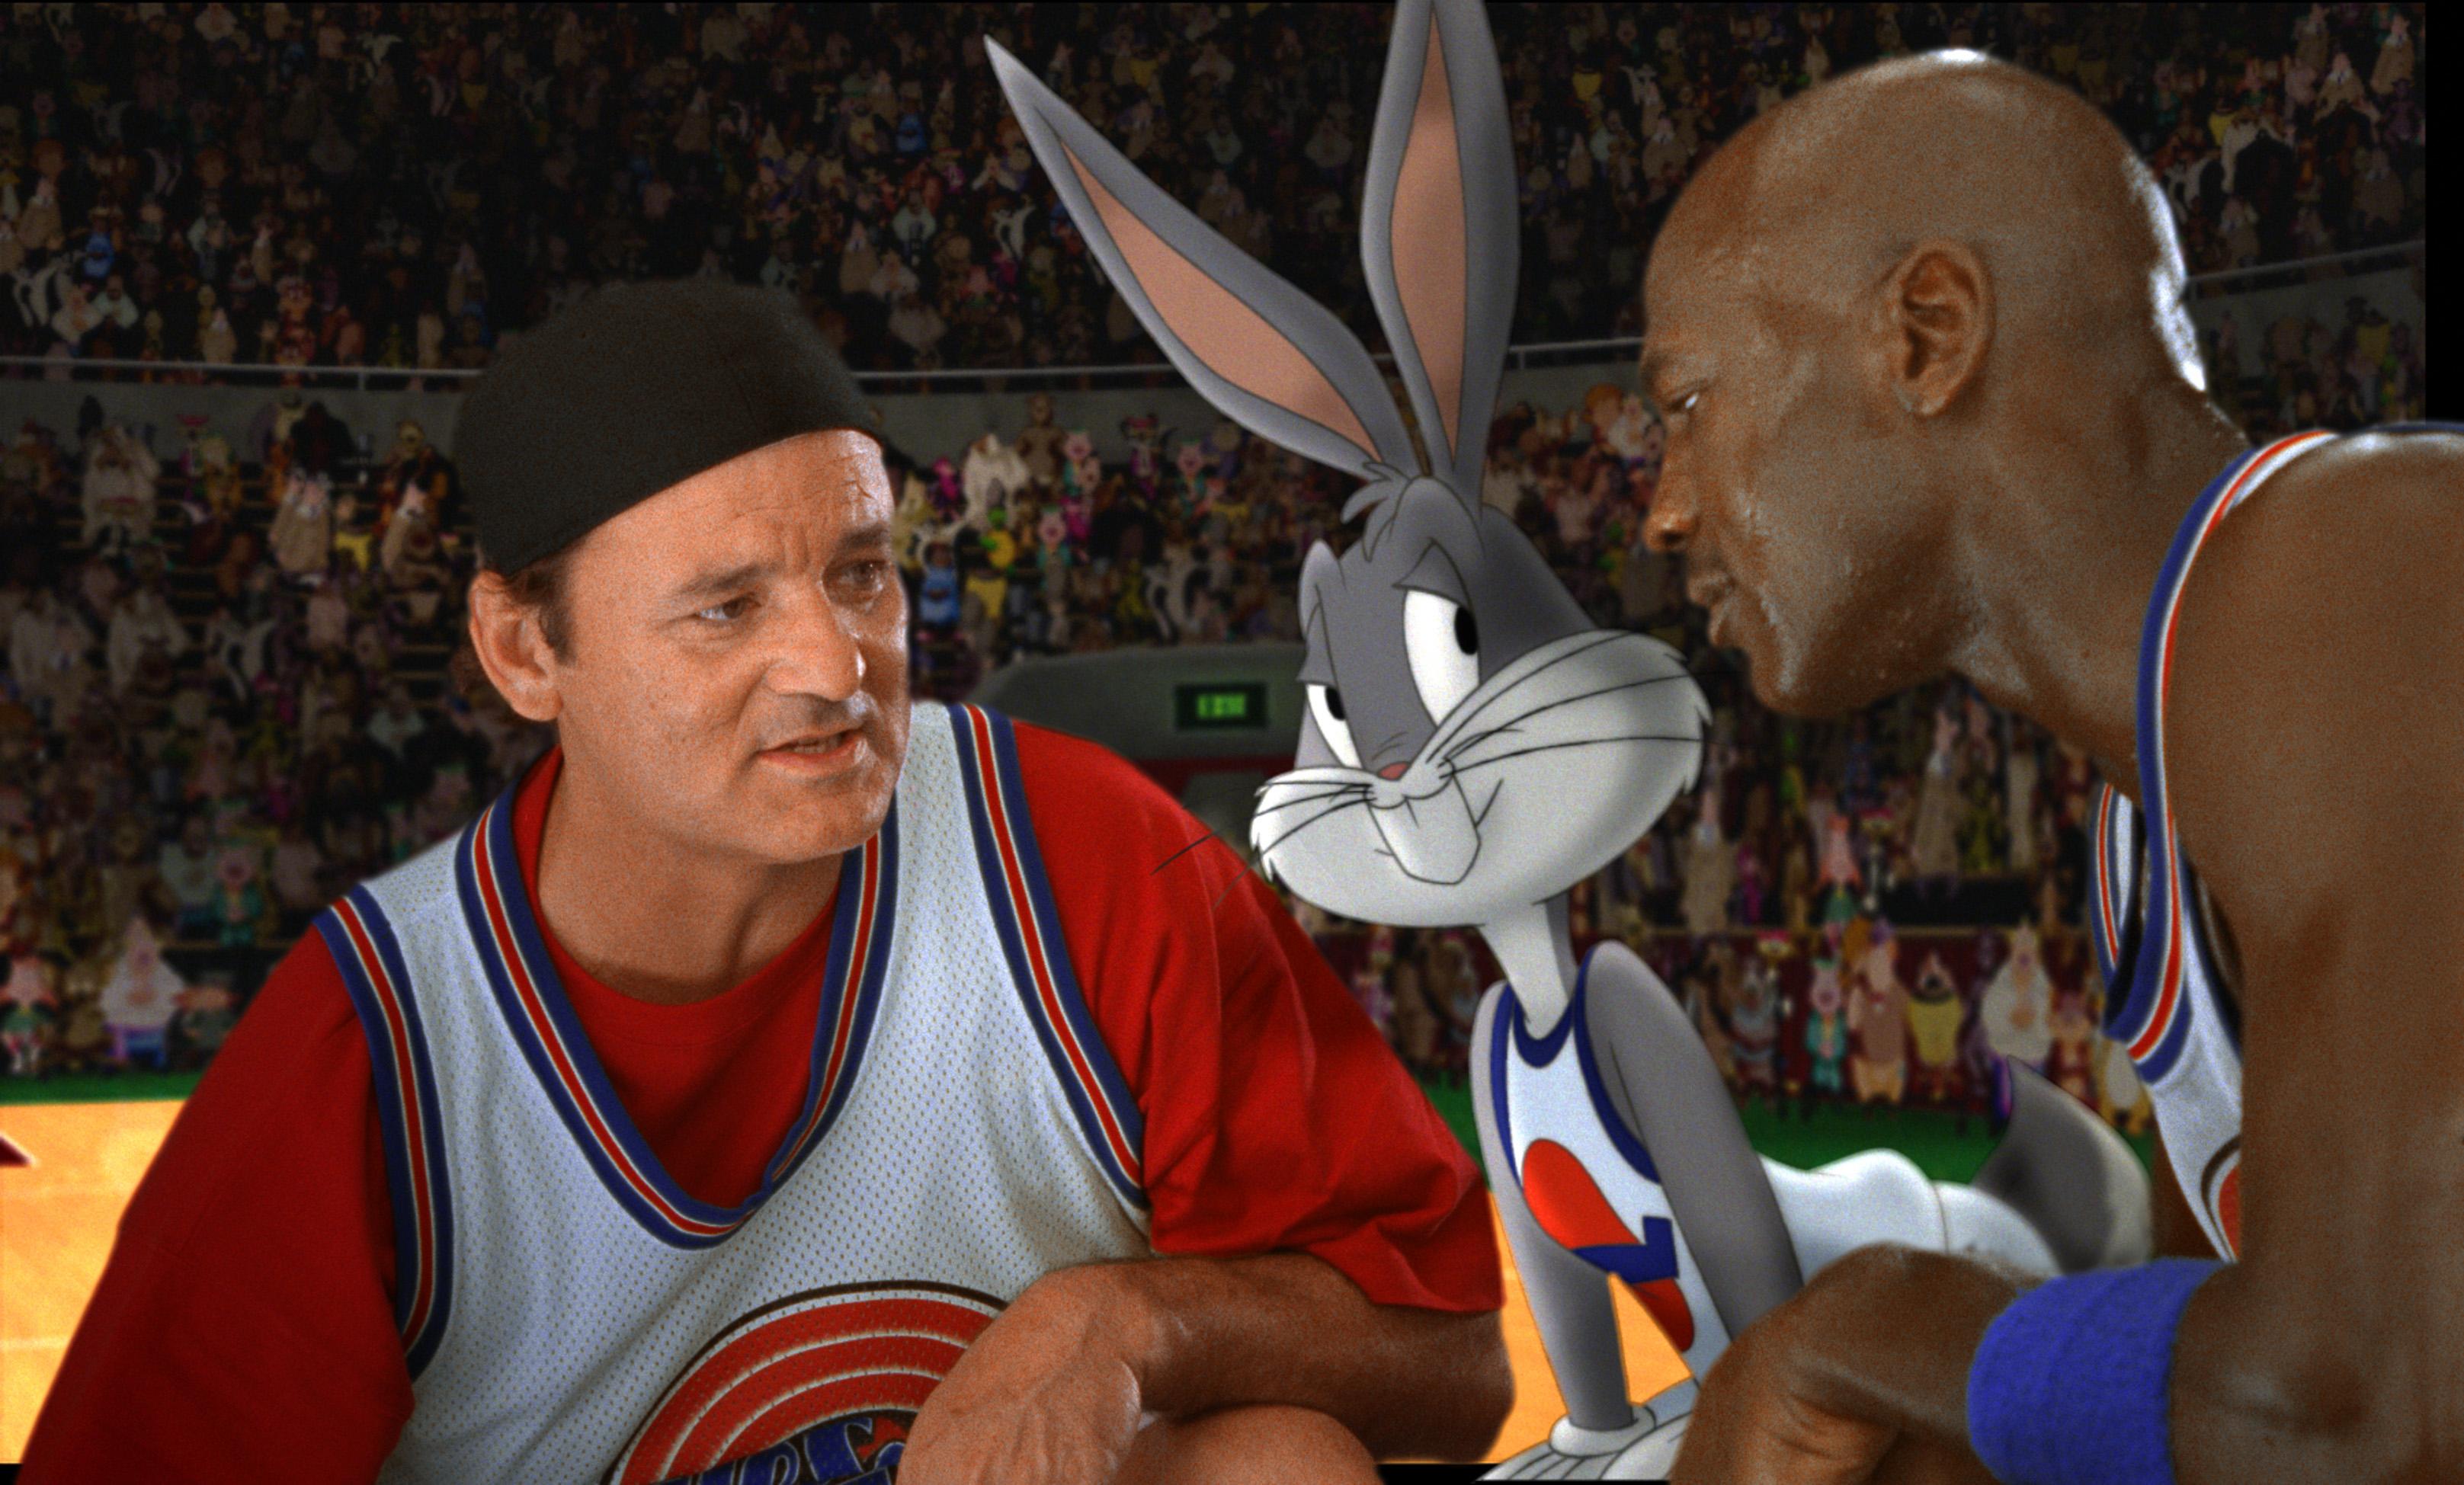 Bill Murray, Bugs Bunny and MIchael Jordan